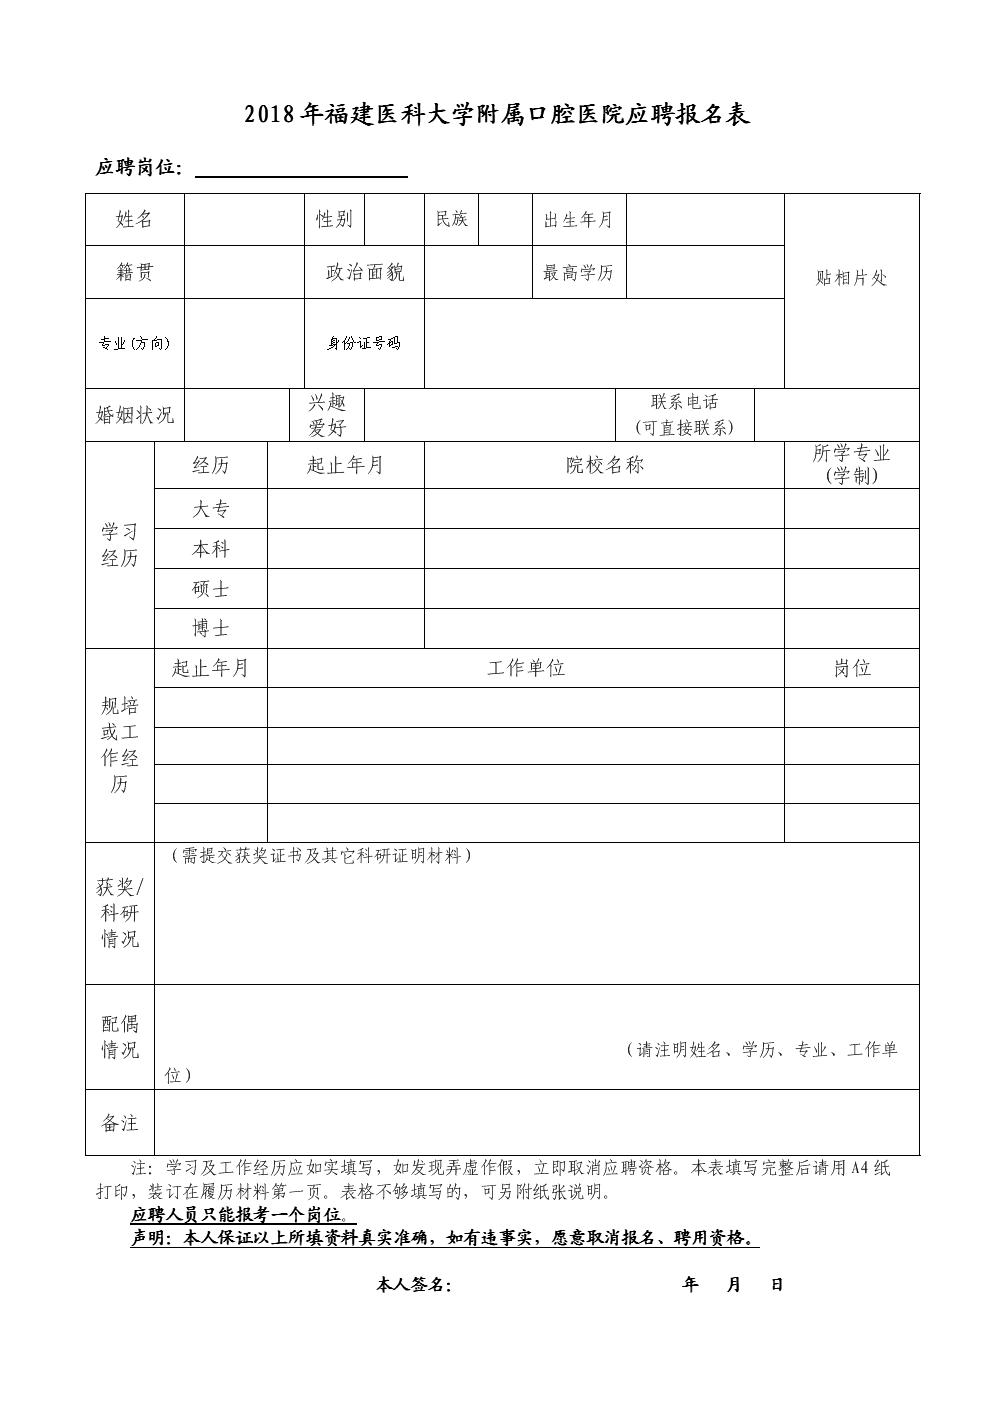 2018年福建医科大学附属口腔医院应聘报名表.doc